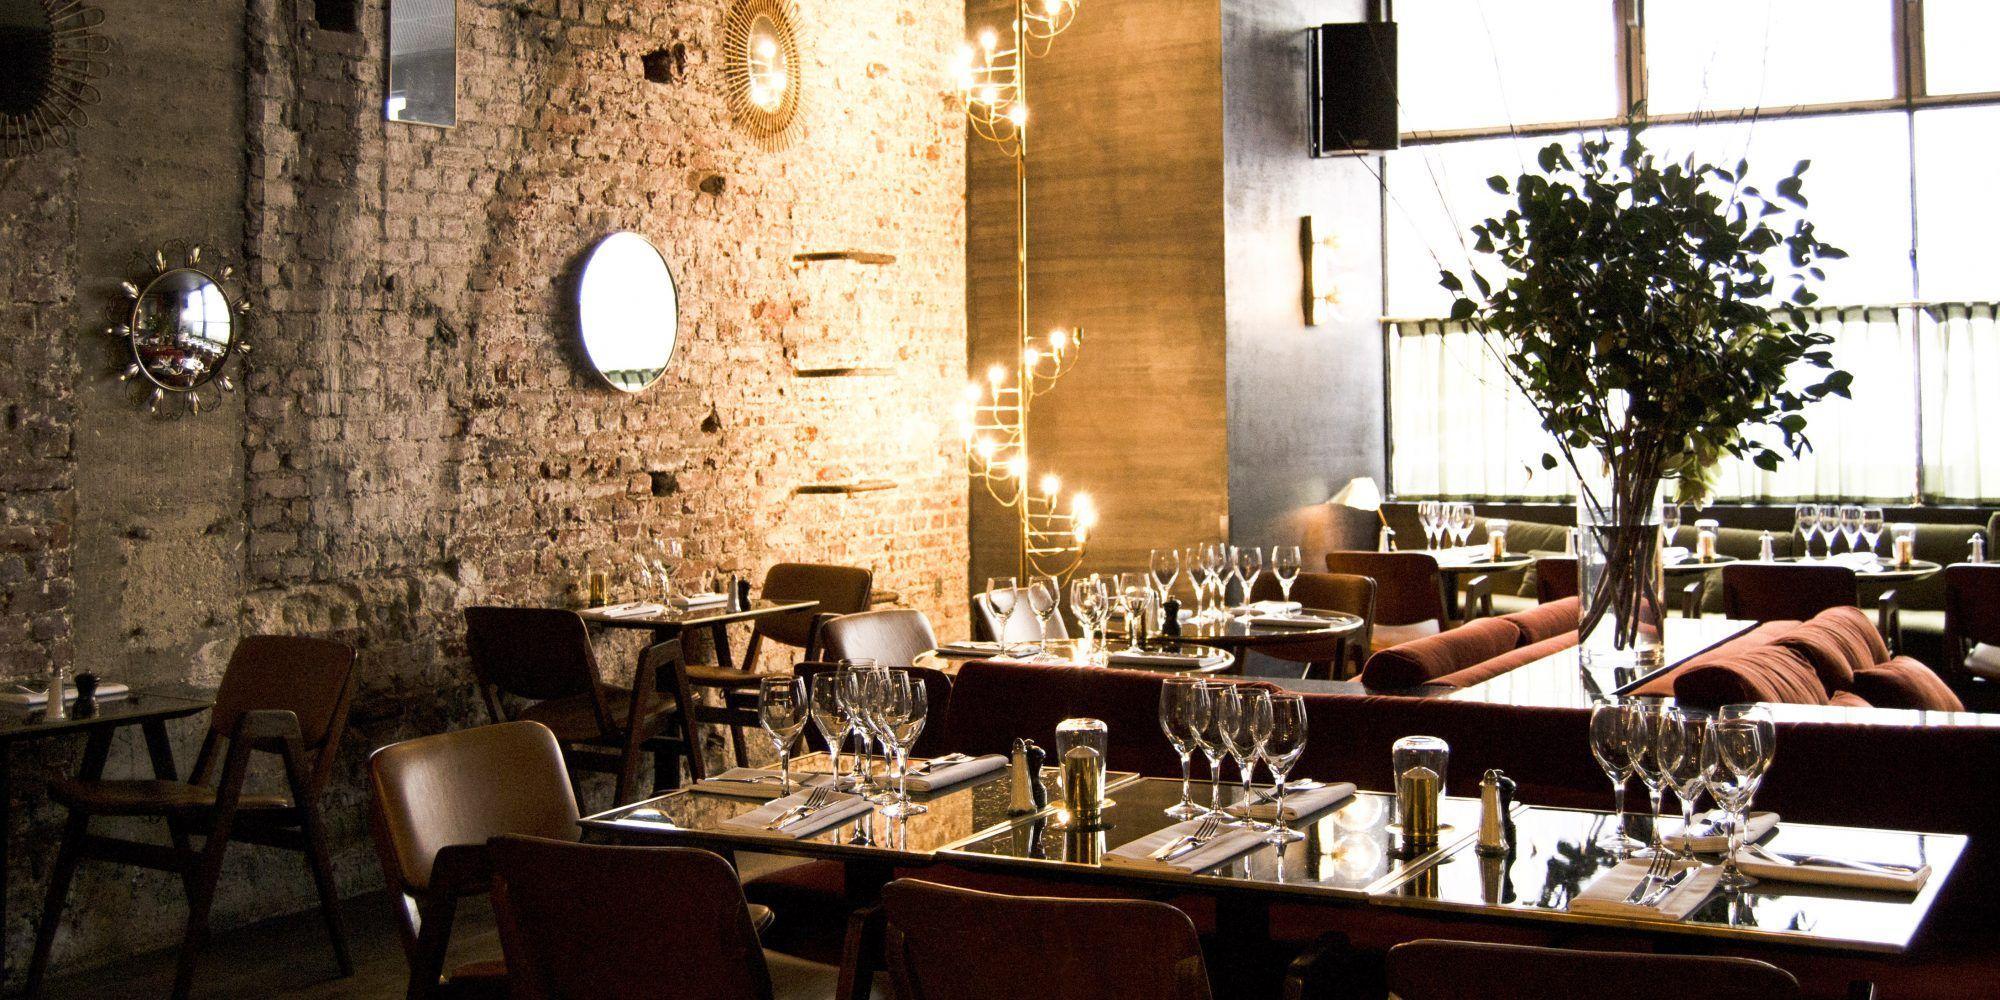 La Maison Bleue Issy Les Moulineaux monsieur bleu - mezzanine 8 copie   wellness design